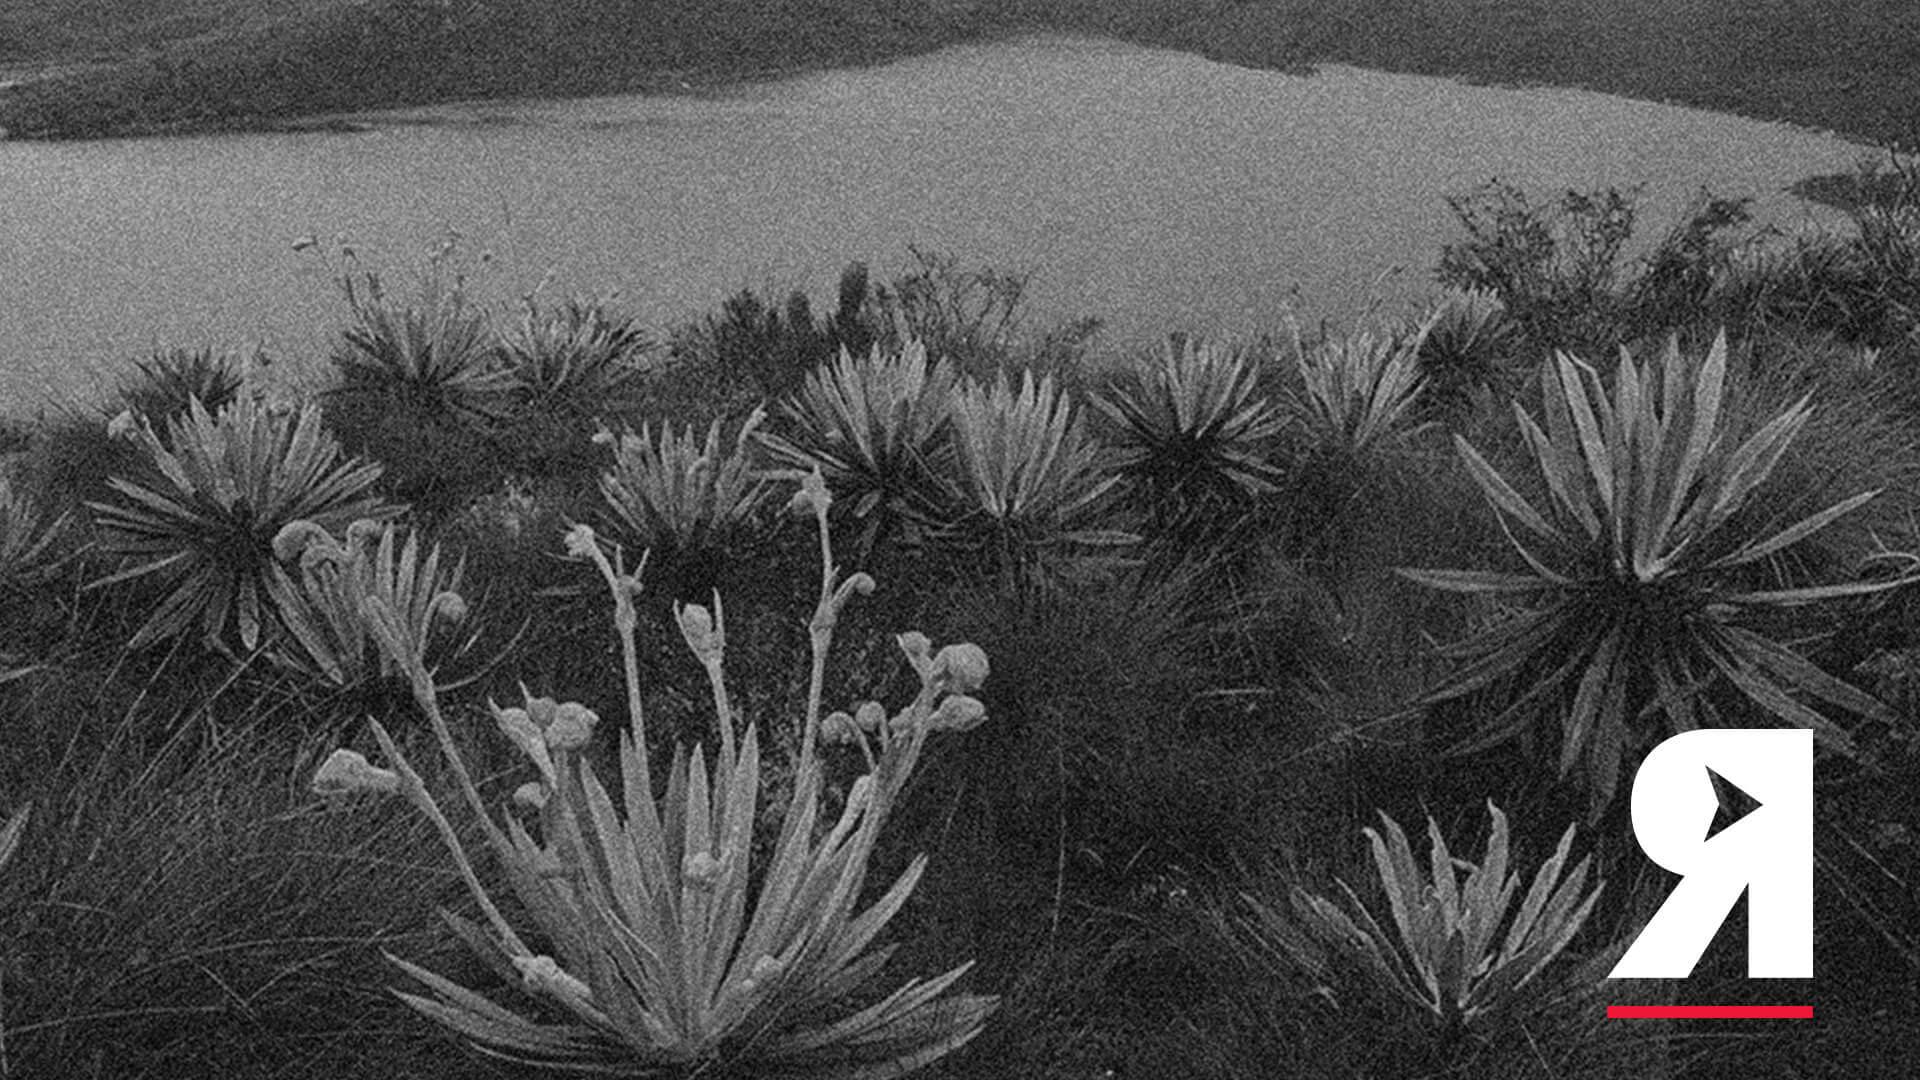 La guía Divergentes del movimiento ambientalista colombiano